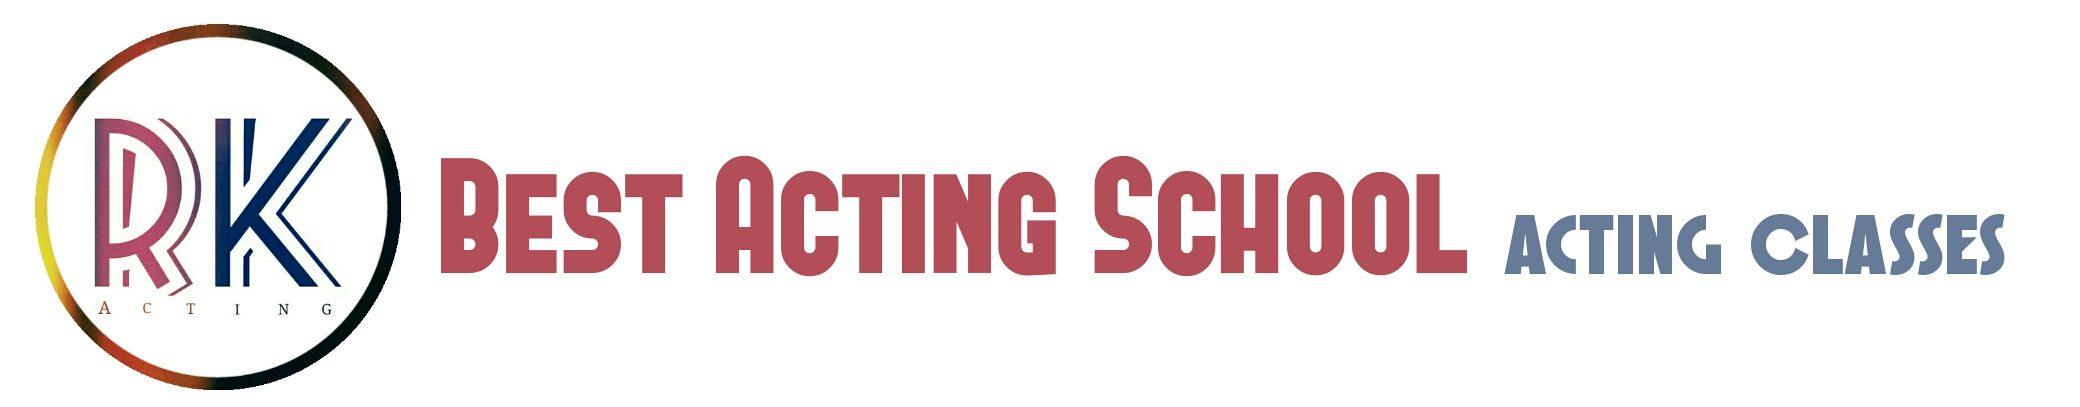 RK Acting School